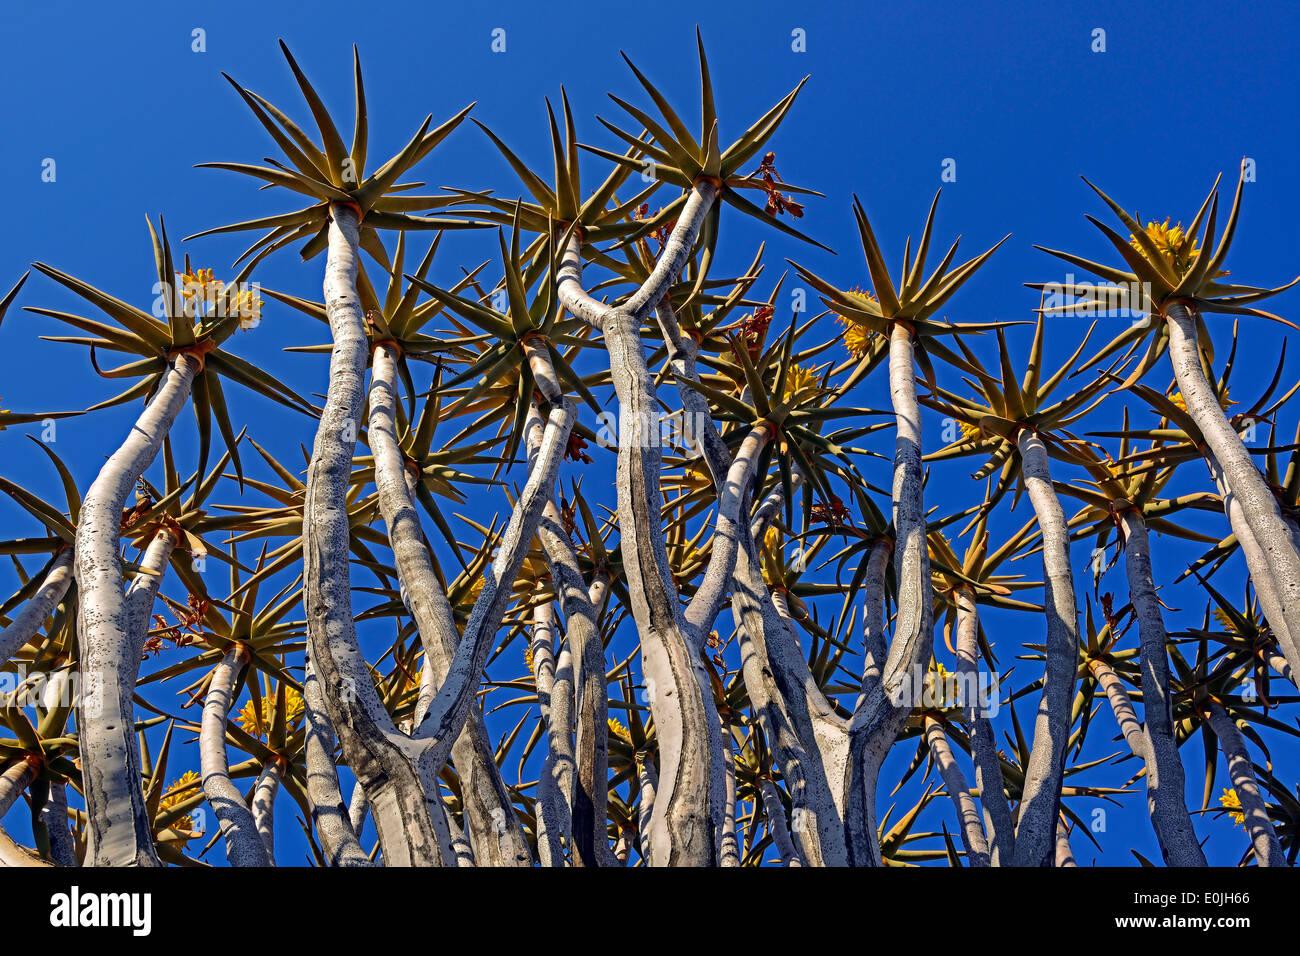 Koecherbaum oder Quivertree (Afrikaans: Kokerboom, Aloe dichotoma) bei Sonnenaufgang , Keetmanshoop, Namibia, Afrika - Stock Image